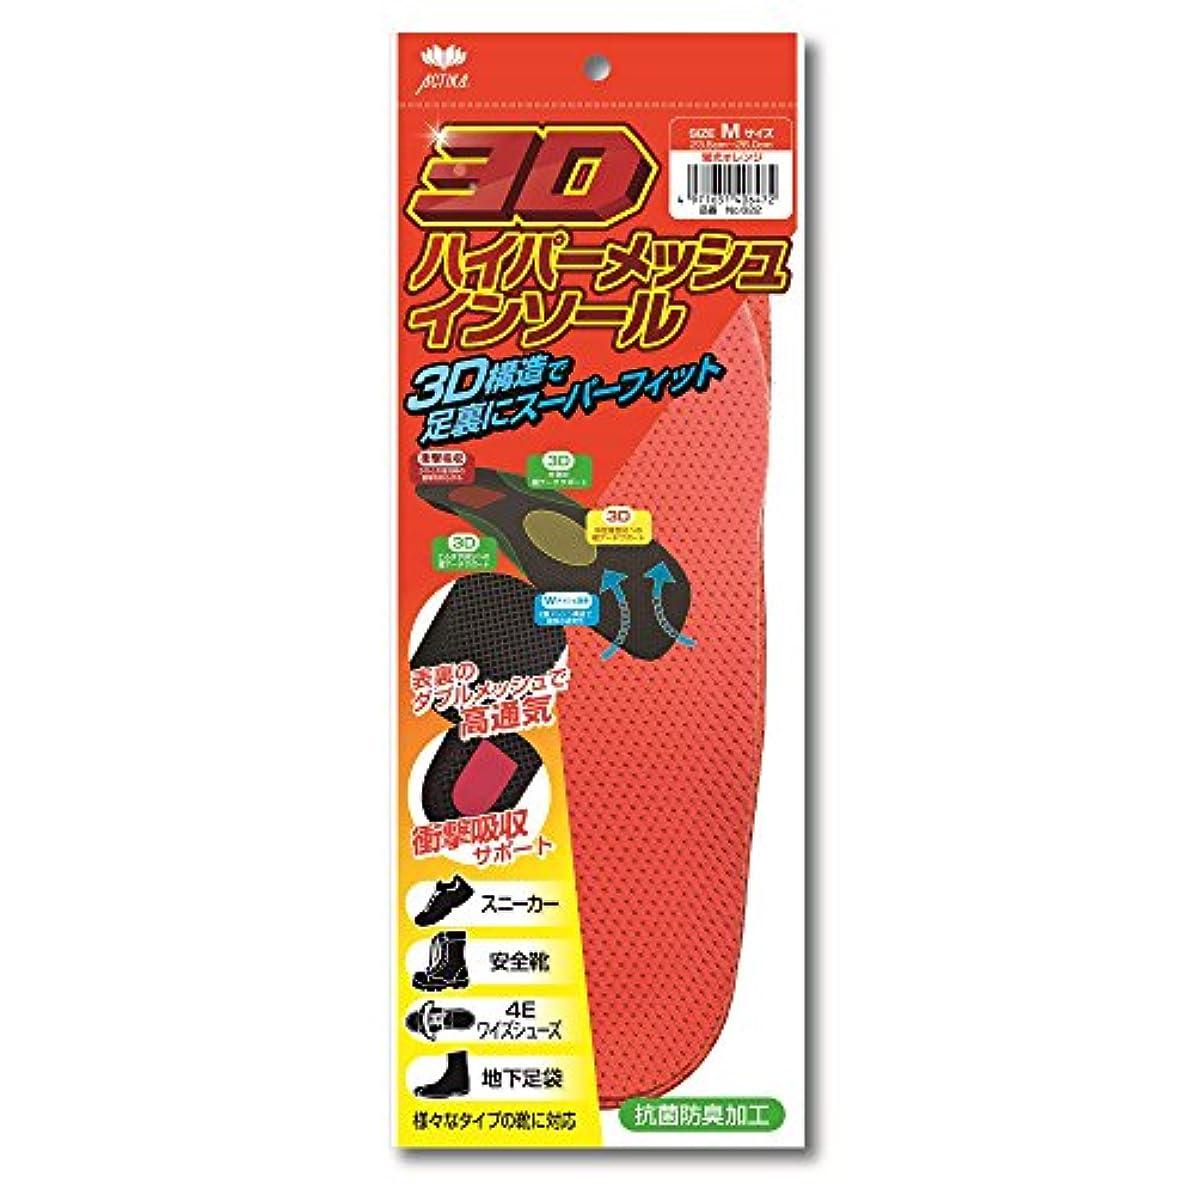 設計大通り突き刺すアクティカ 3Dハイパーメッシュインソール オレンジ 男性用 No.622 M(23.5~26.0cm)